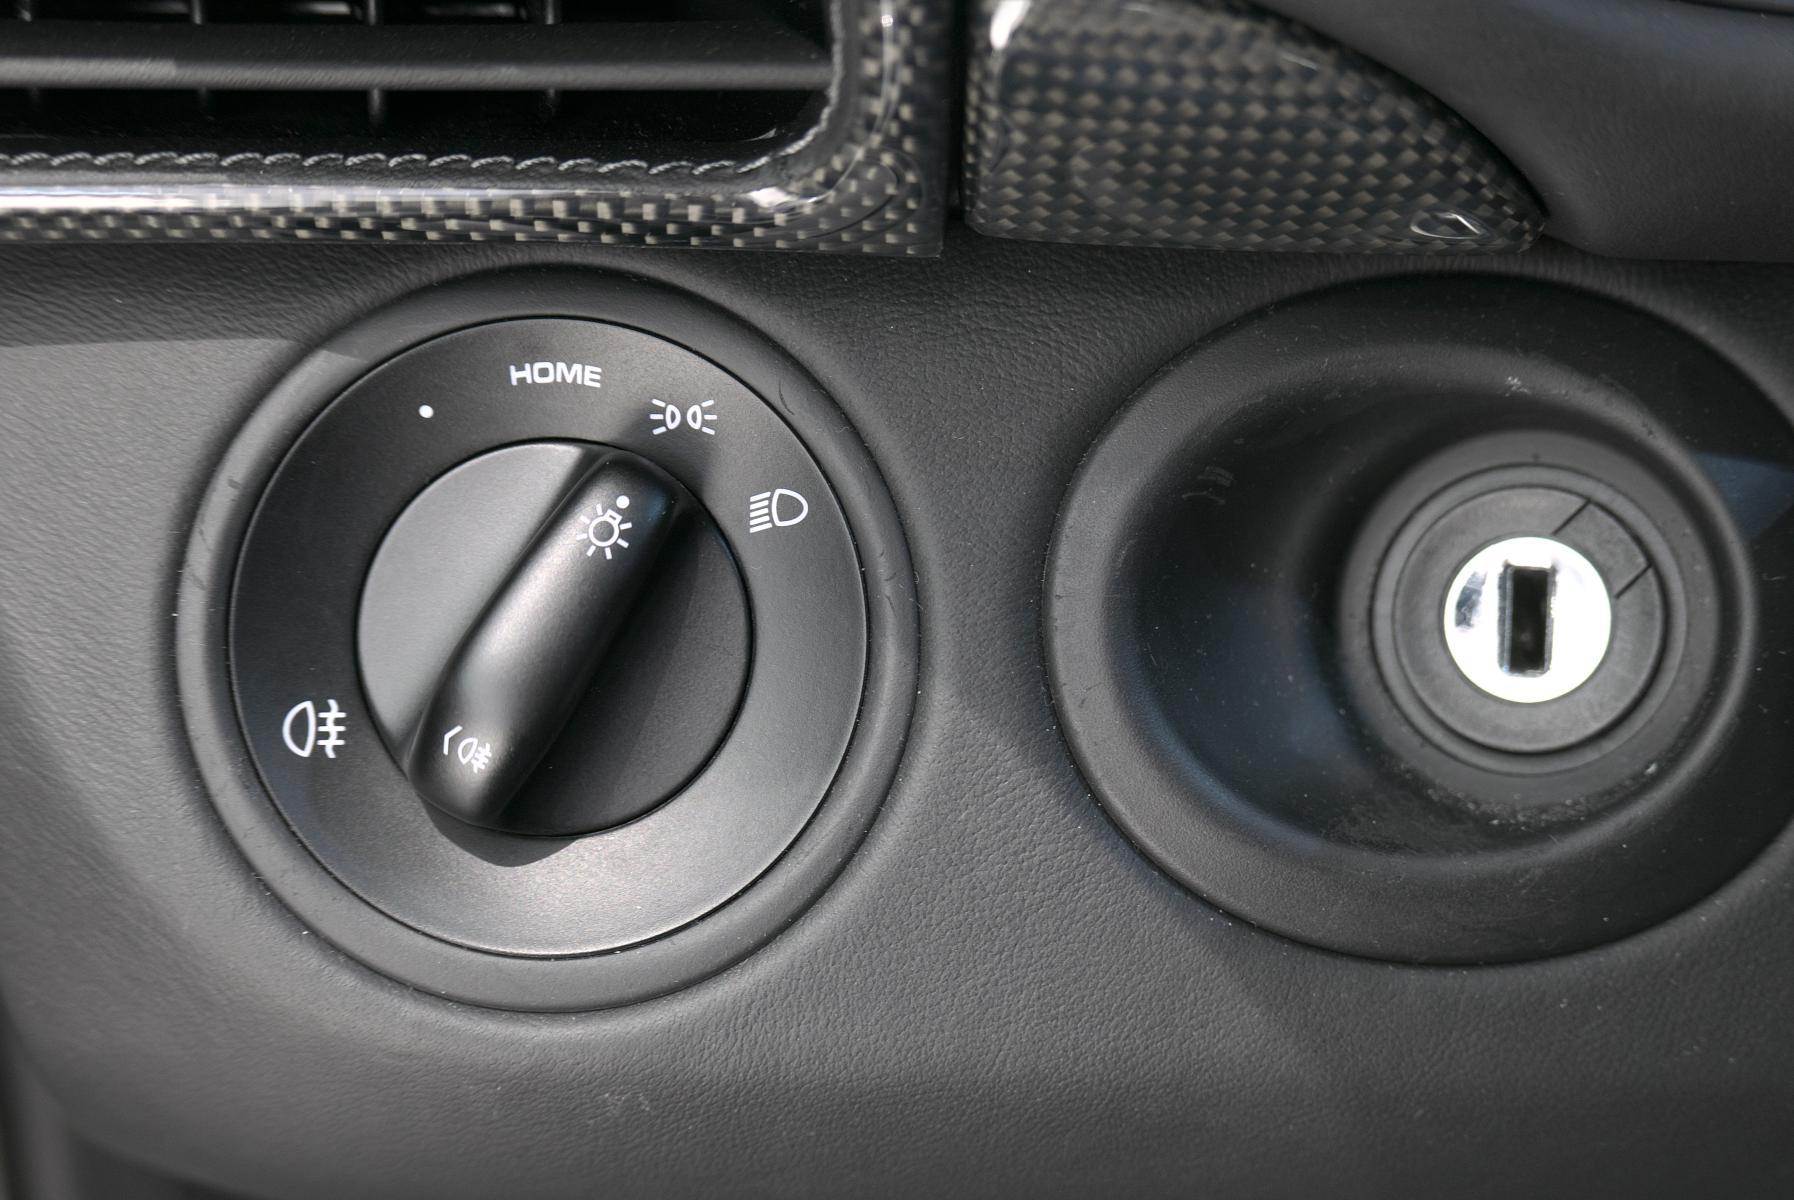 ポルシェ 911 997 ヘッドライトスイッチ類